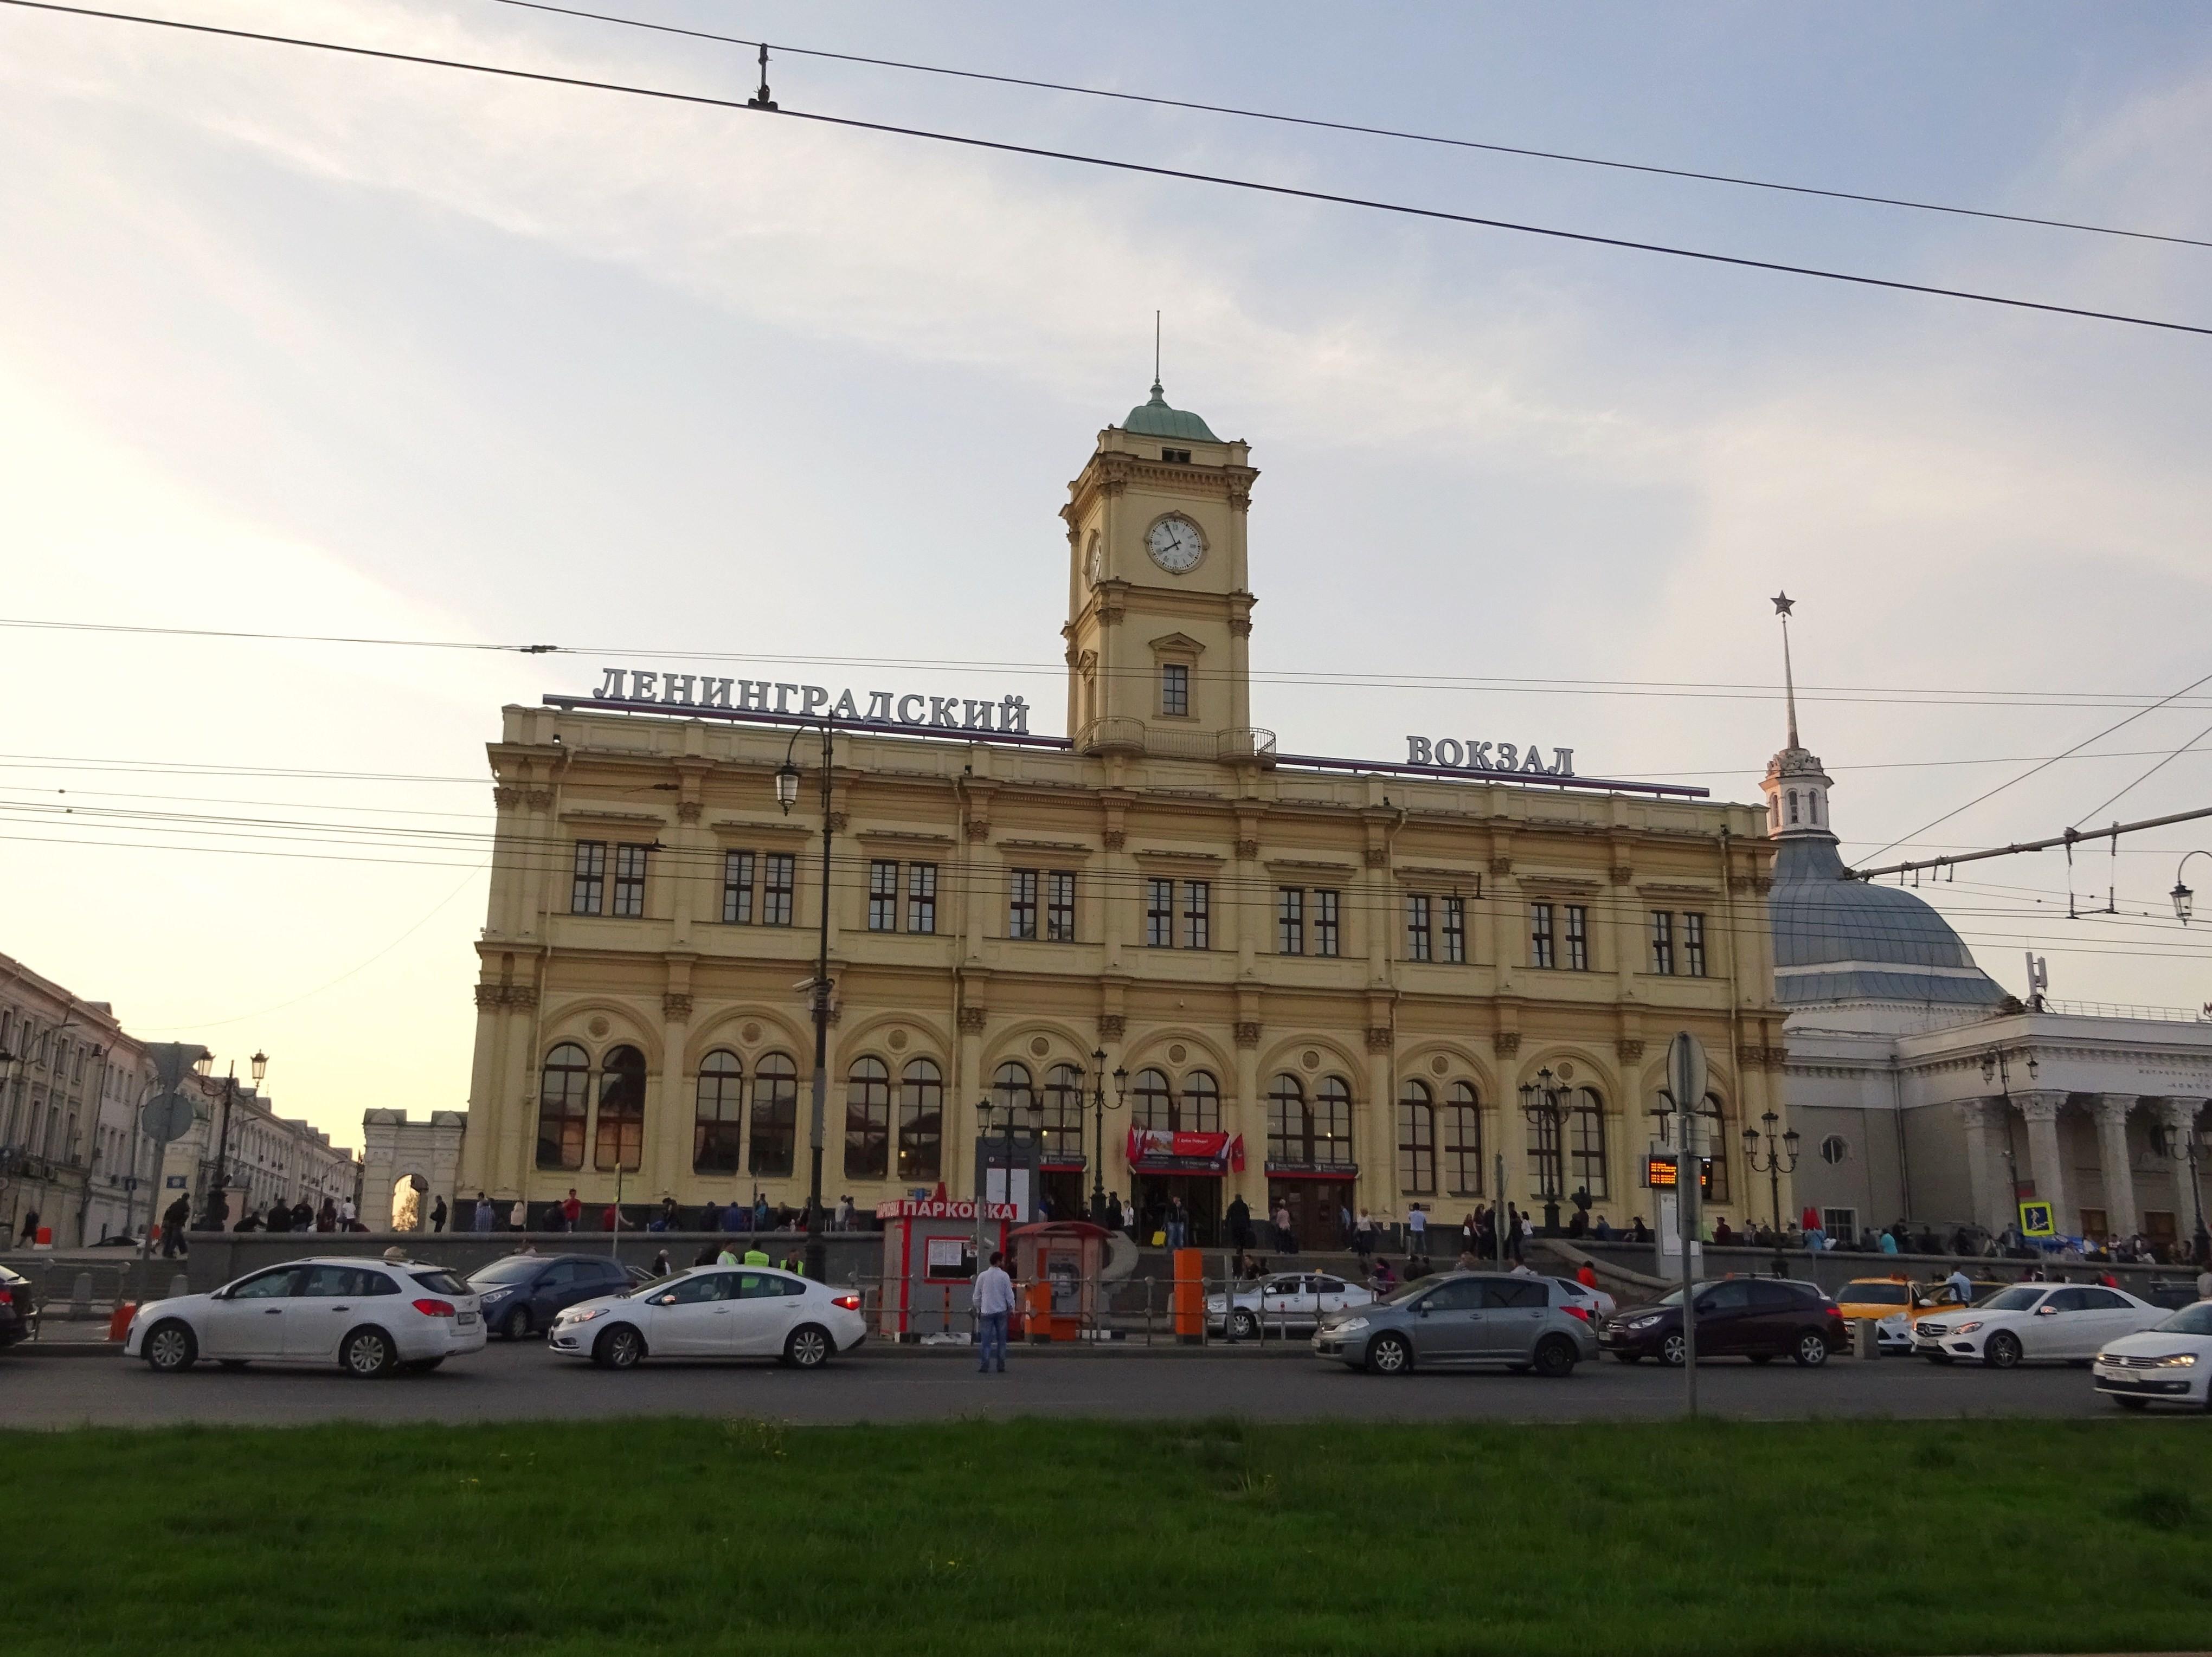 интерьер можно фотографии московского вокзала в хорошем качестве шедевре можно увидеть